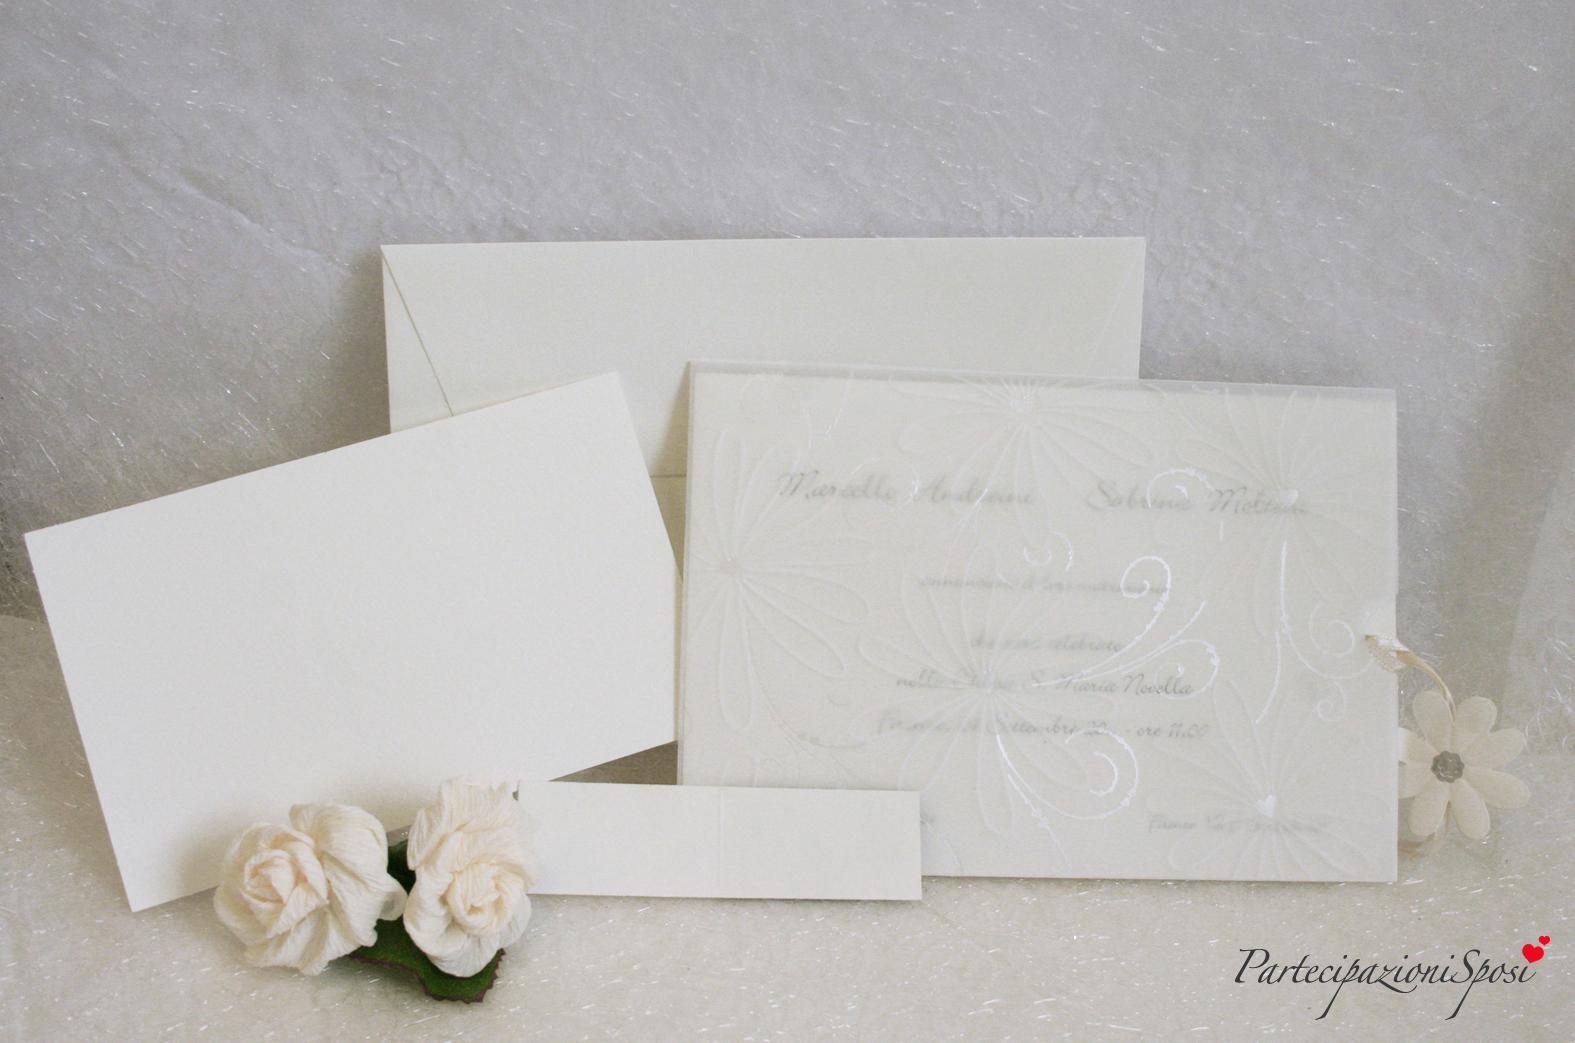 Partecipazioni sposi stampa partecipazioni nozze inviti for Partecipazioni nozze on line